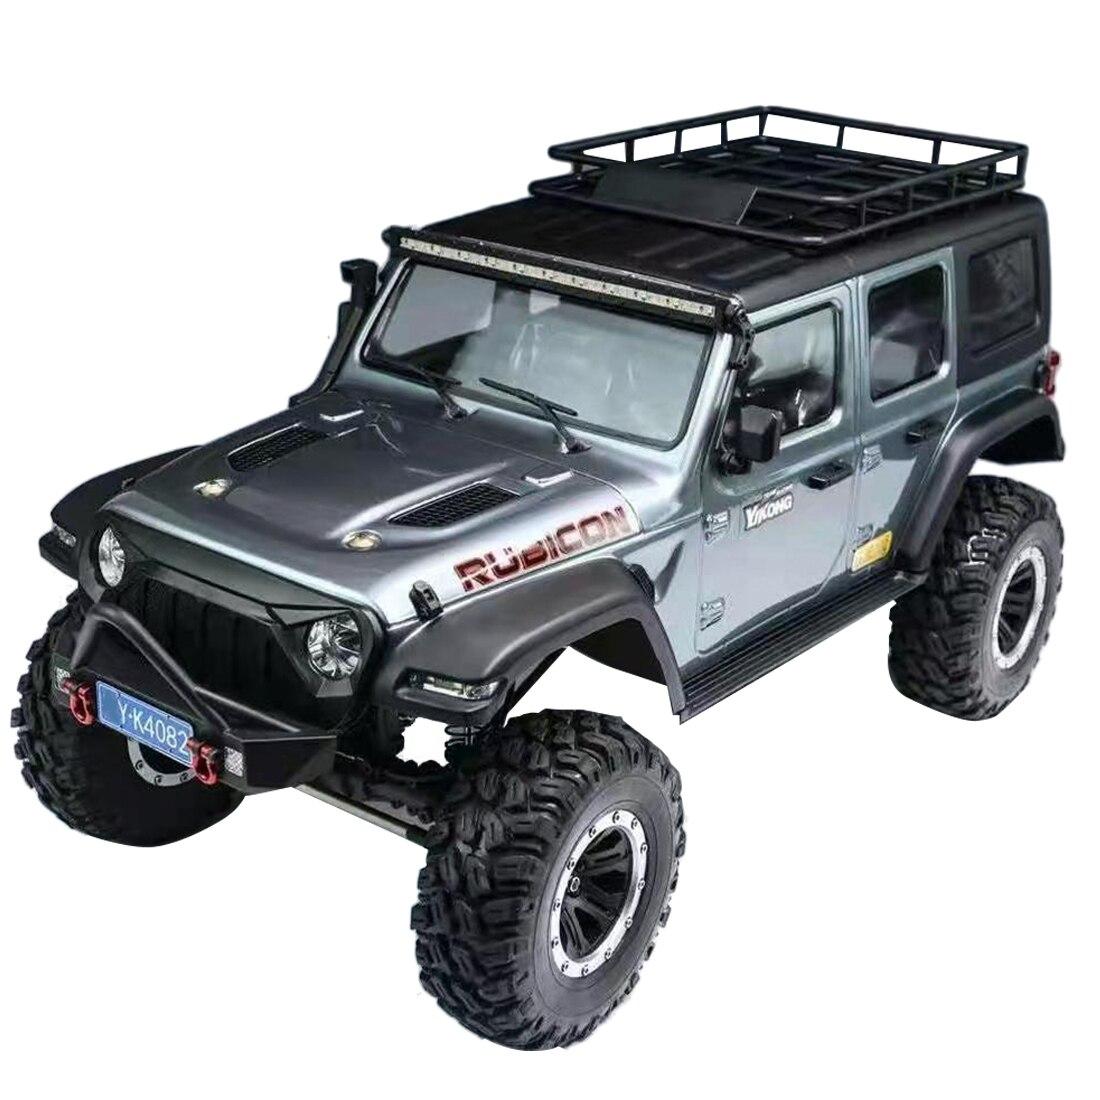 YK 4082 1/8 2.4G 4WD 6CH الكهربائية محاكاة RC سيارة الزاحف سيارة للطرق الوعرة لعبة مجسمة ل 14 +-gray